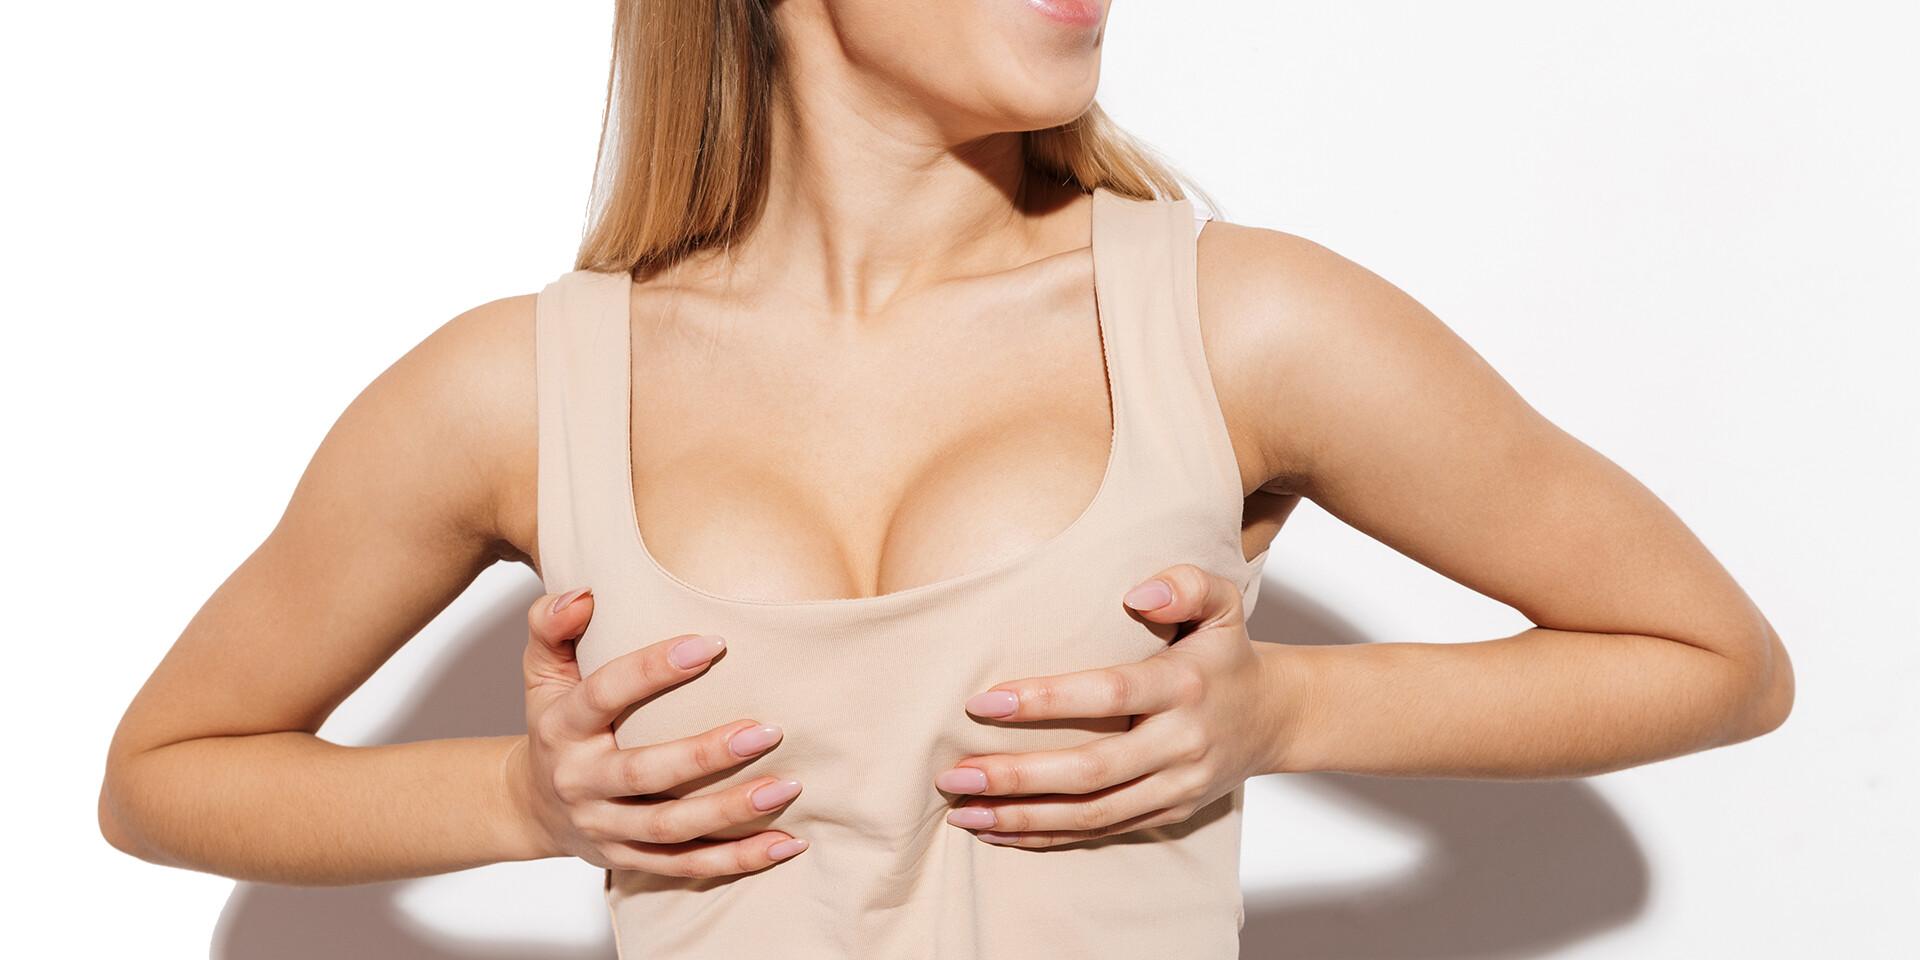 Pevnejšie a väčšie poprsie bez chirurgického zákroku v Beauty Esthetic Centrum